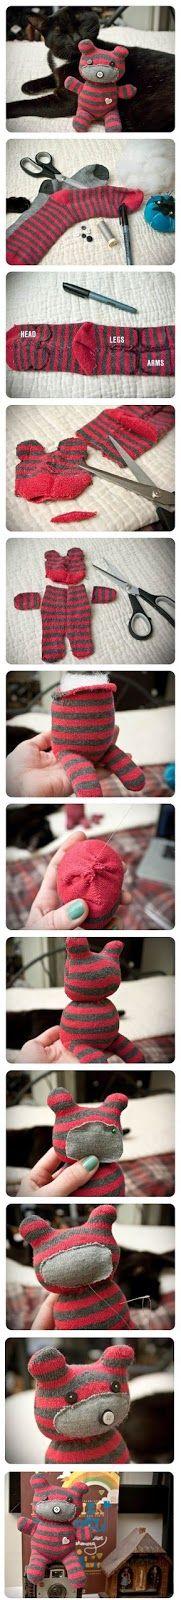 Este es un tutorial para hacer un pequeño peluche con un calcetín. Una manera muy bonita de reciclar. Podemos utilizar los calcetines que s...